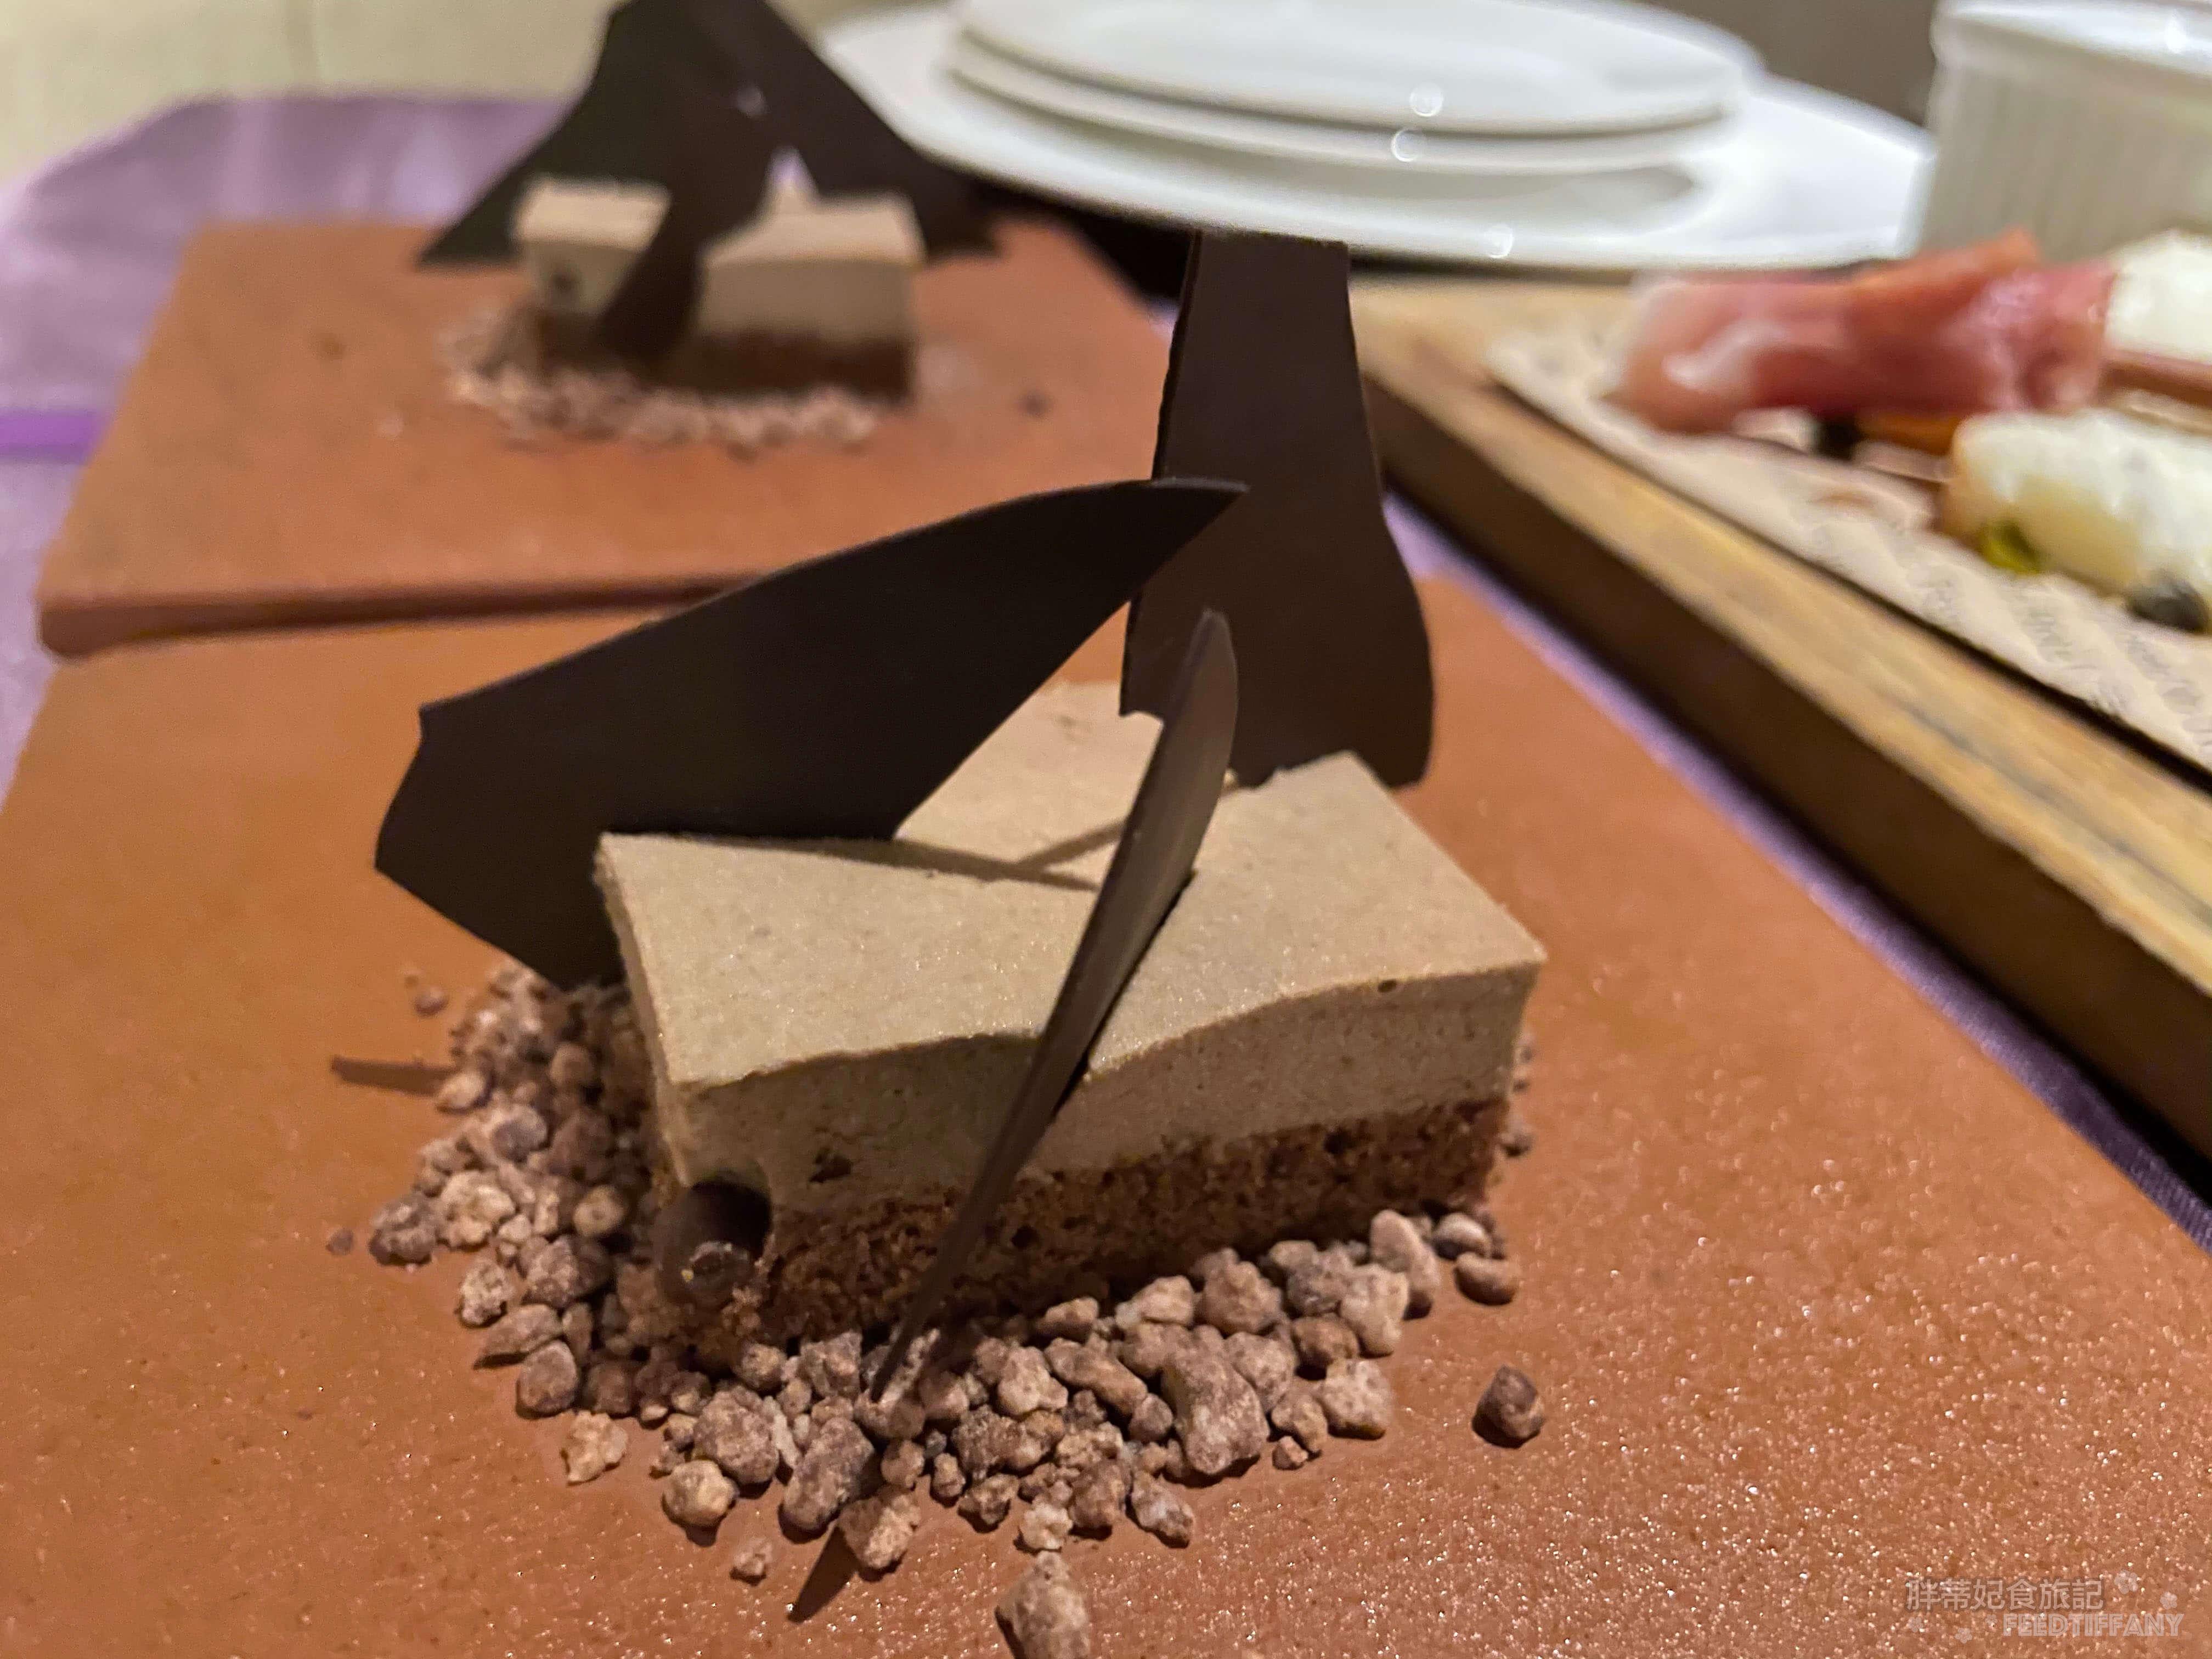 台北君品酒店 頂級客房餐點服務 一泊二食龍蝦分享餐 甜點是芝麻巧克力蛋糕